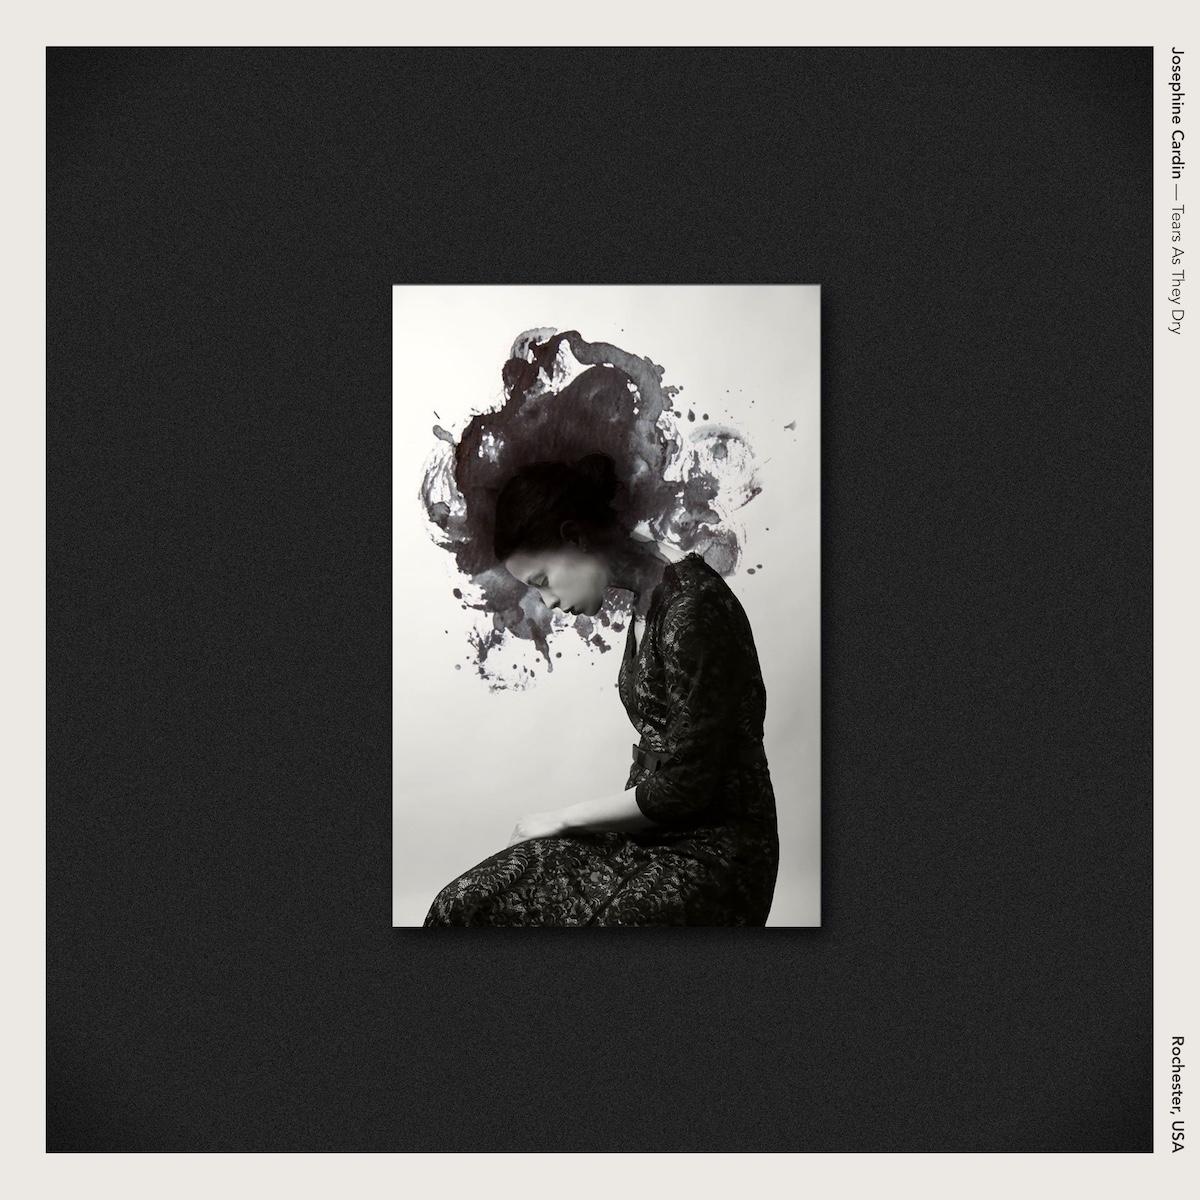 Josephine Cardin — Tears As They Dry